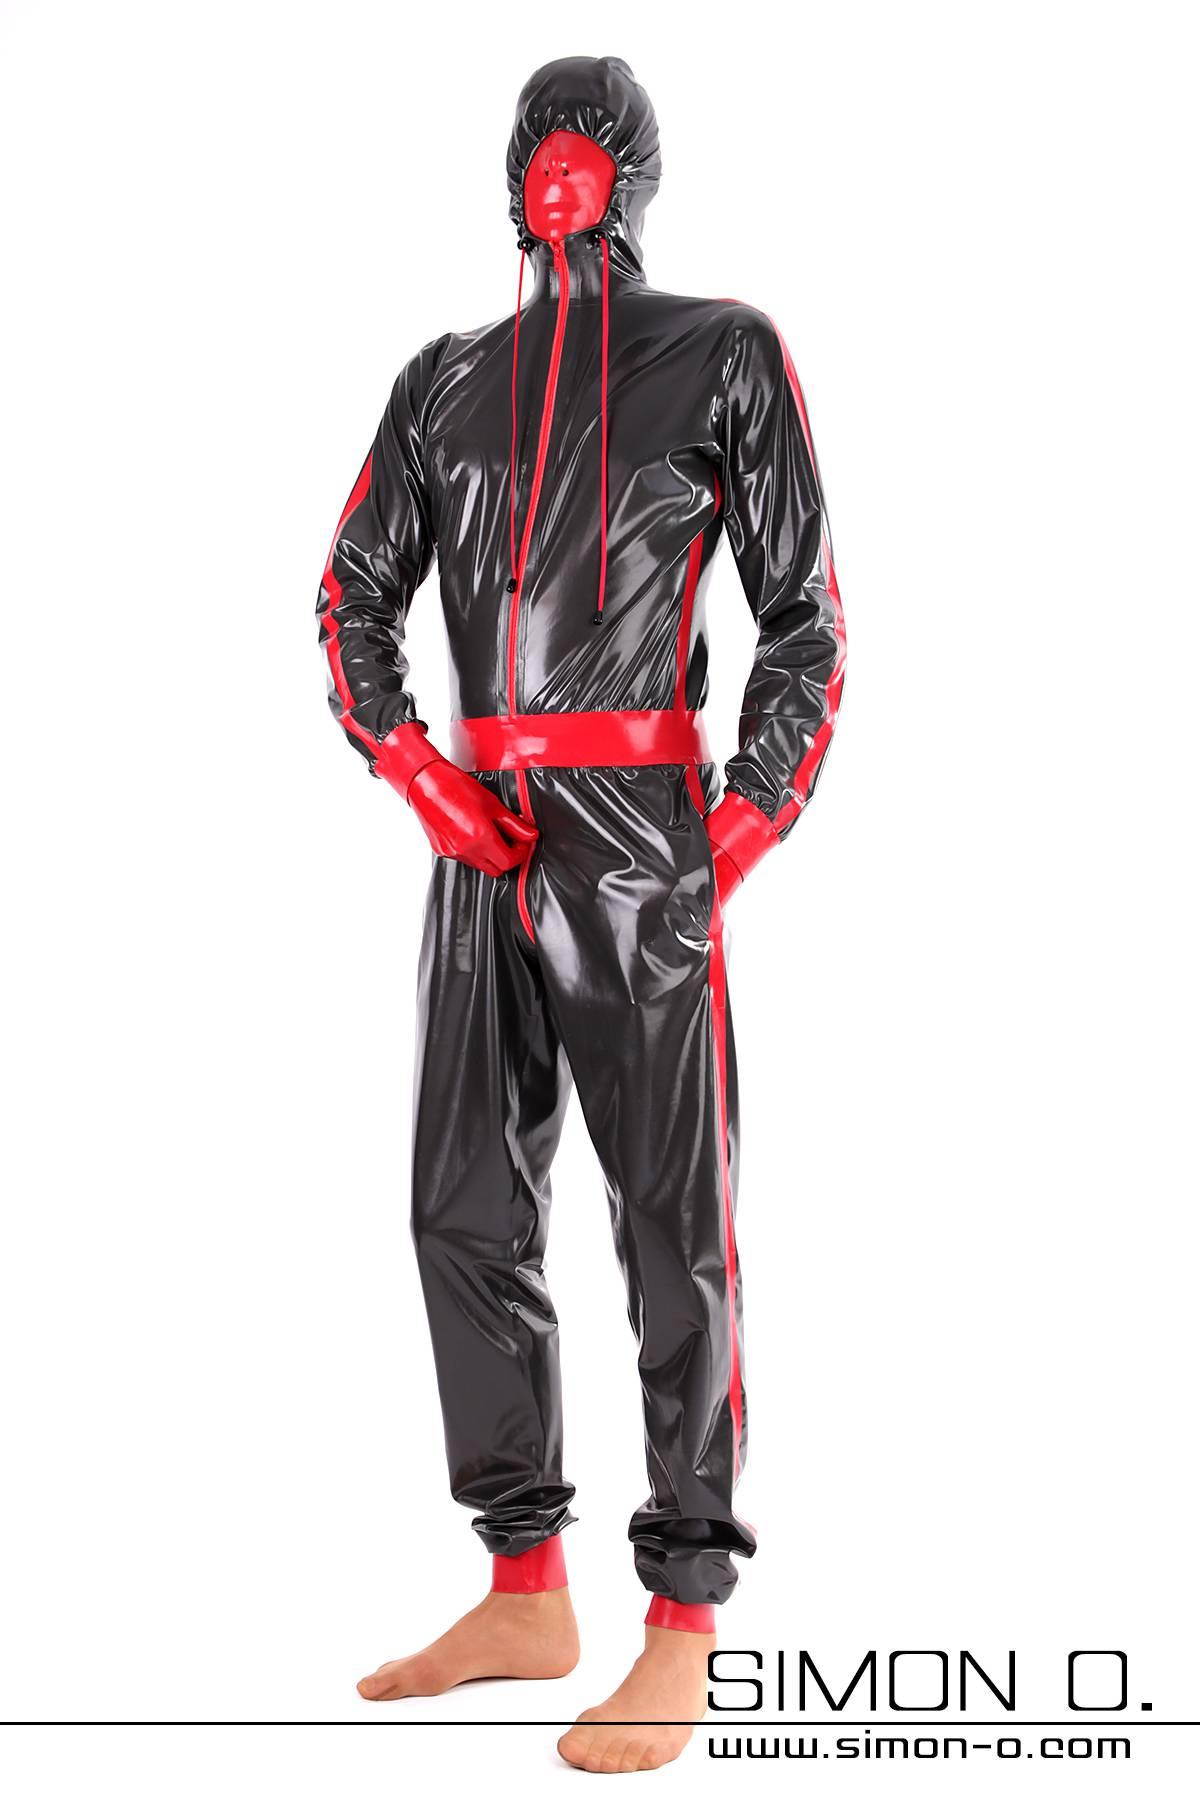 Ein Herr trägt einen Glanz Anzug aus Latex mit Maske